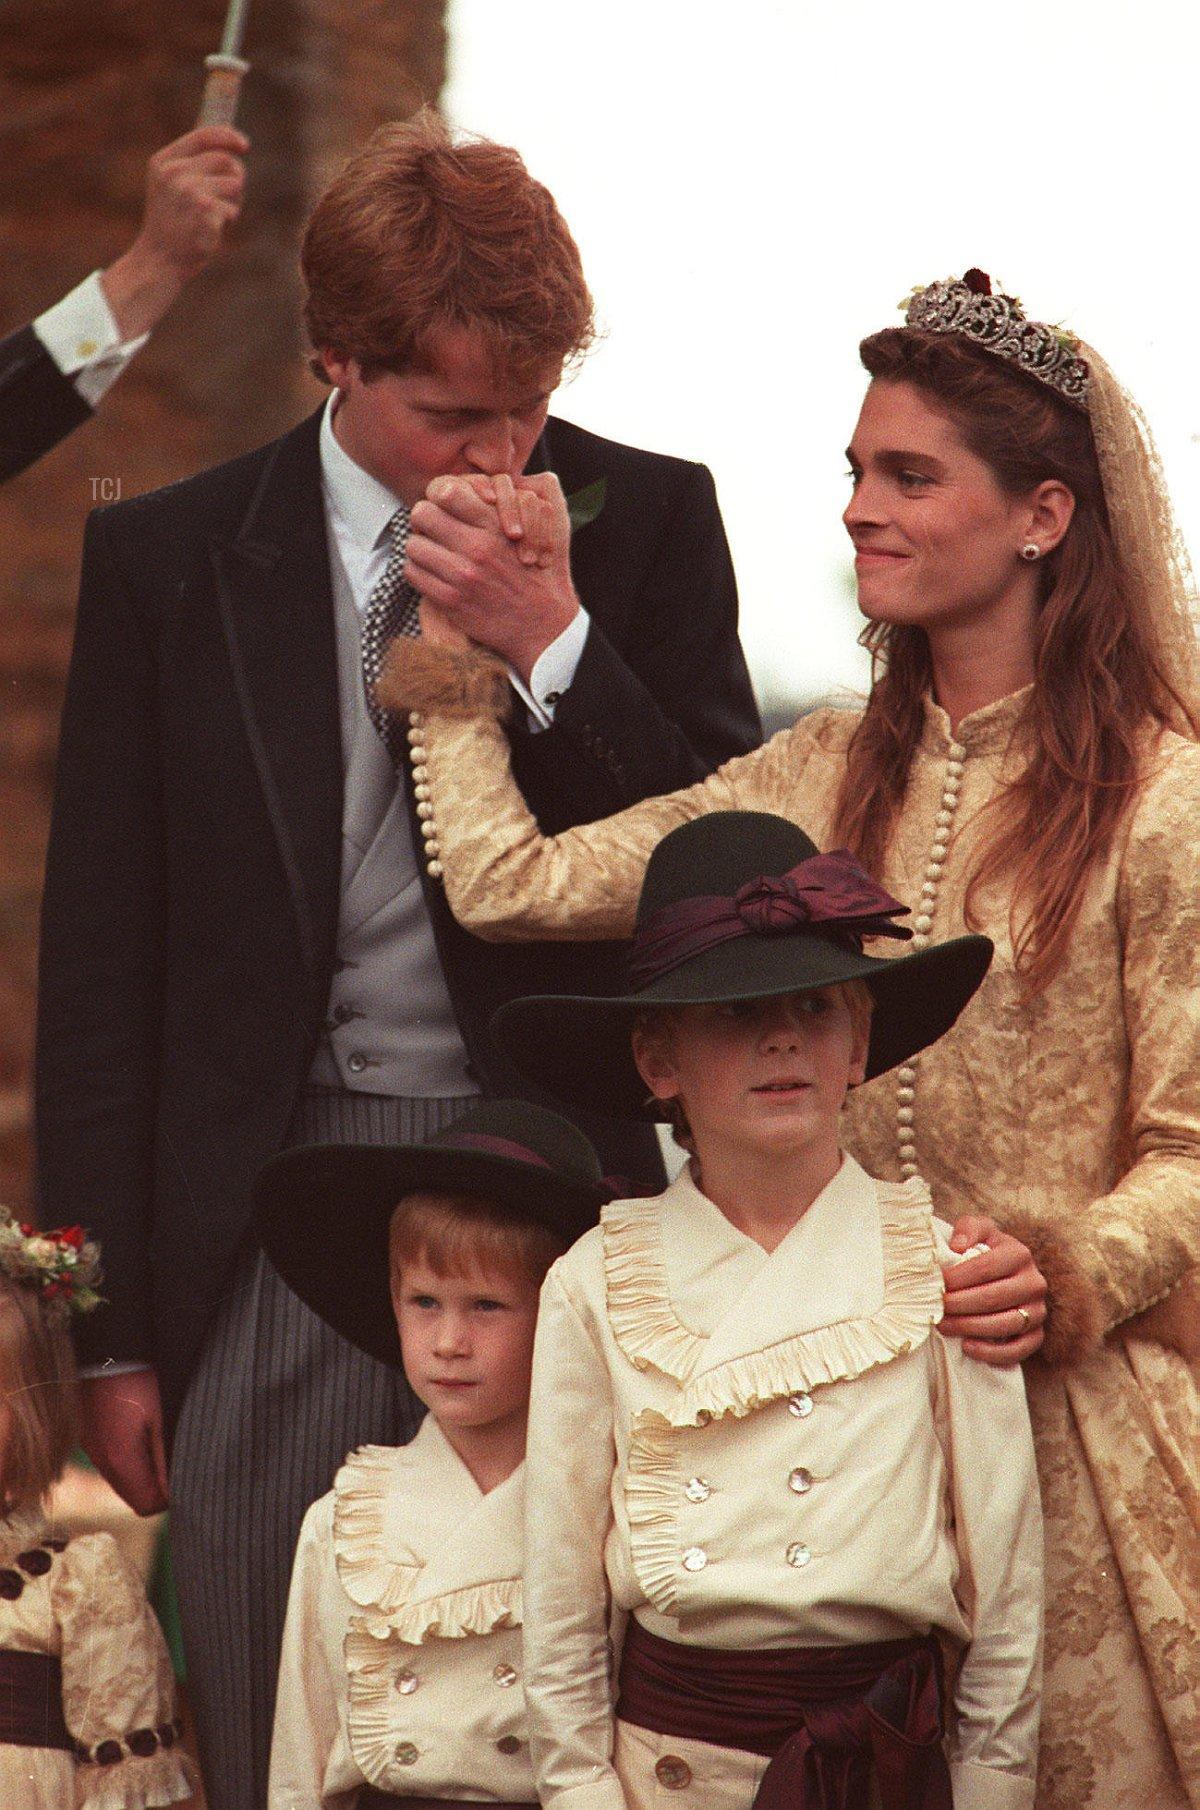 Viscount Althorp marries Victoria Lockwood, 1989